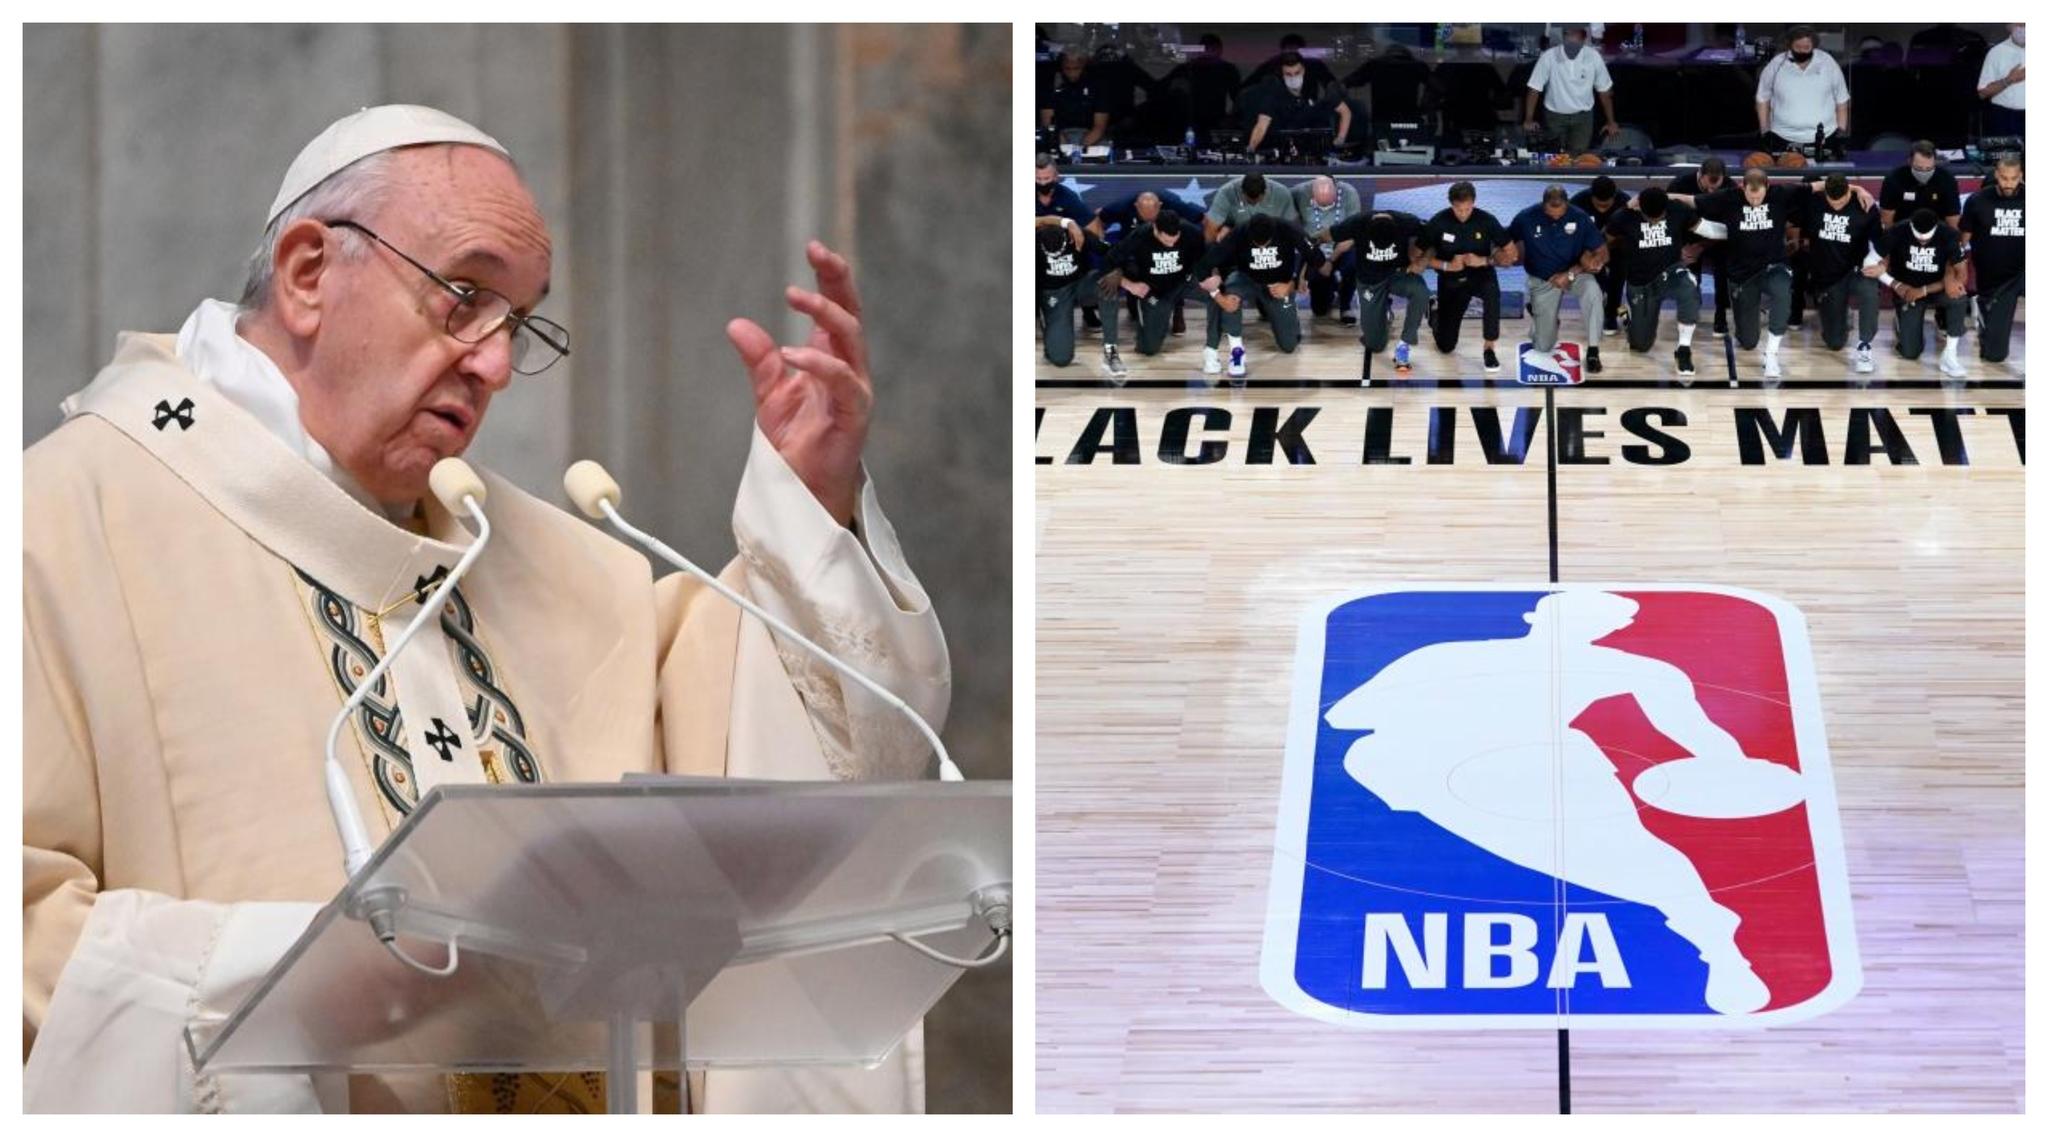 Jugadores de la NBA visitan al Papa para hablar sobre justicia social